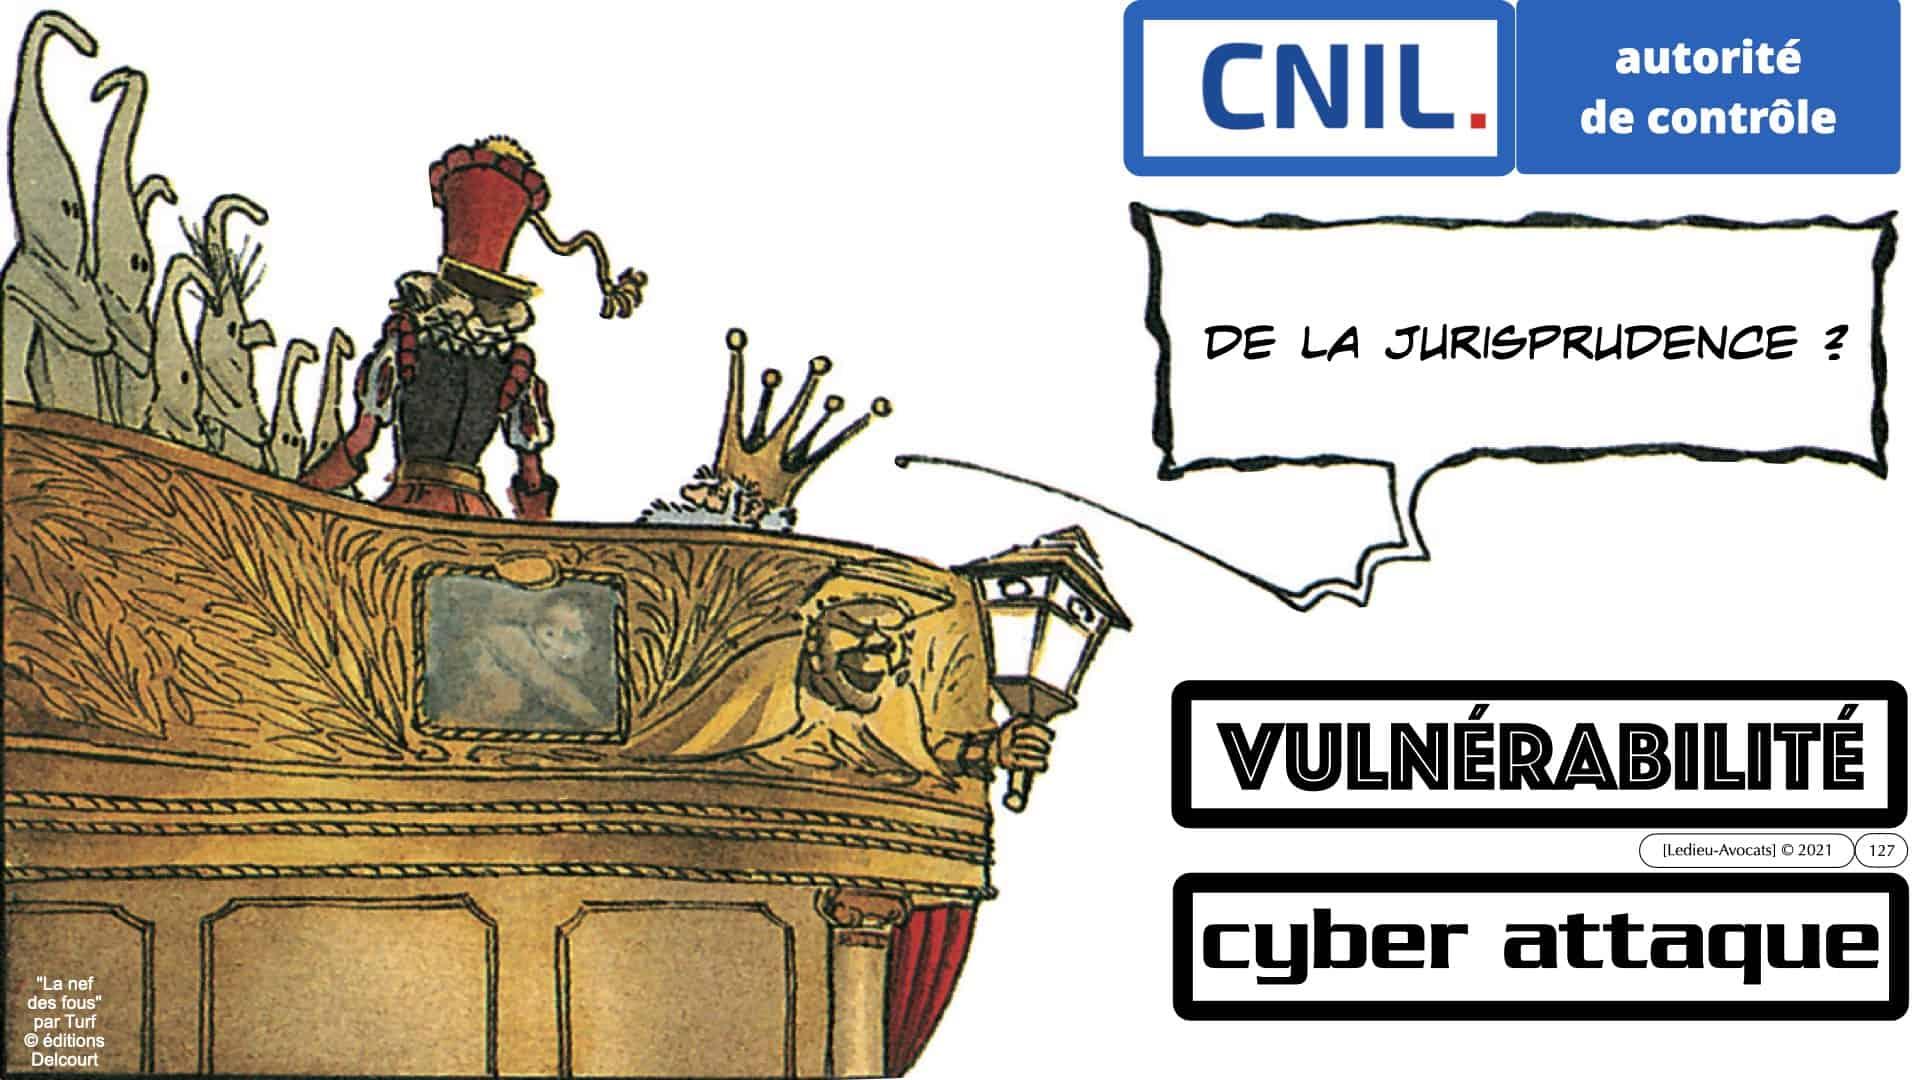 330 CYBER ATTAQUE © Ledieu-Avocats 09-03-2021.127